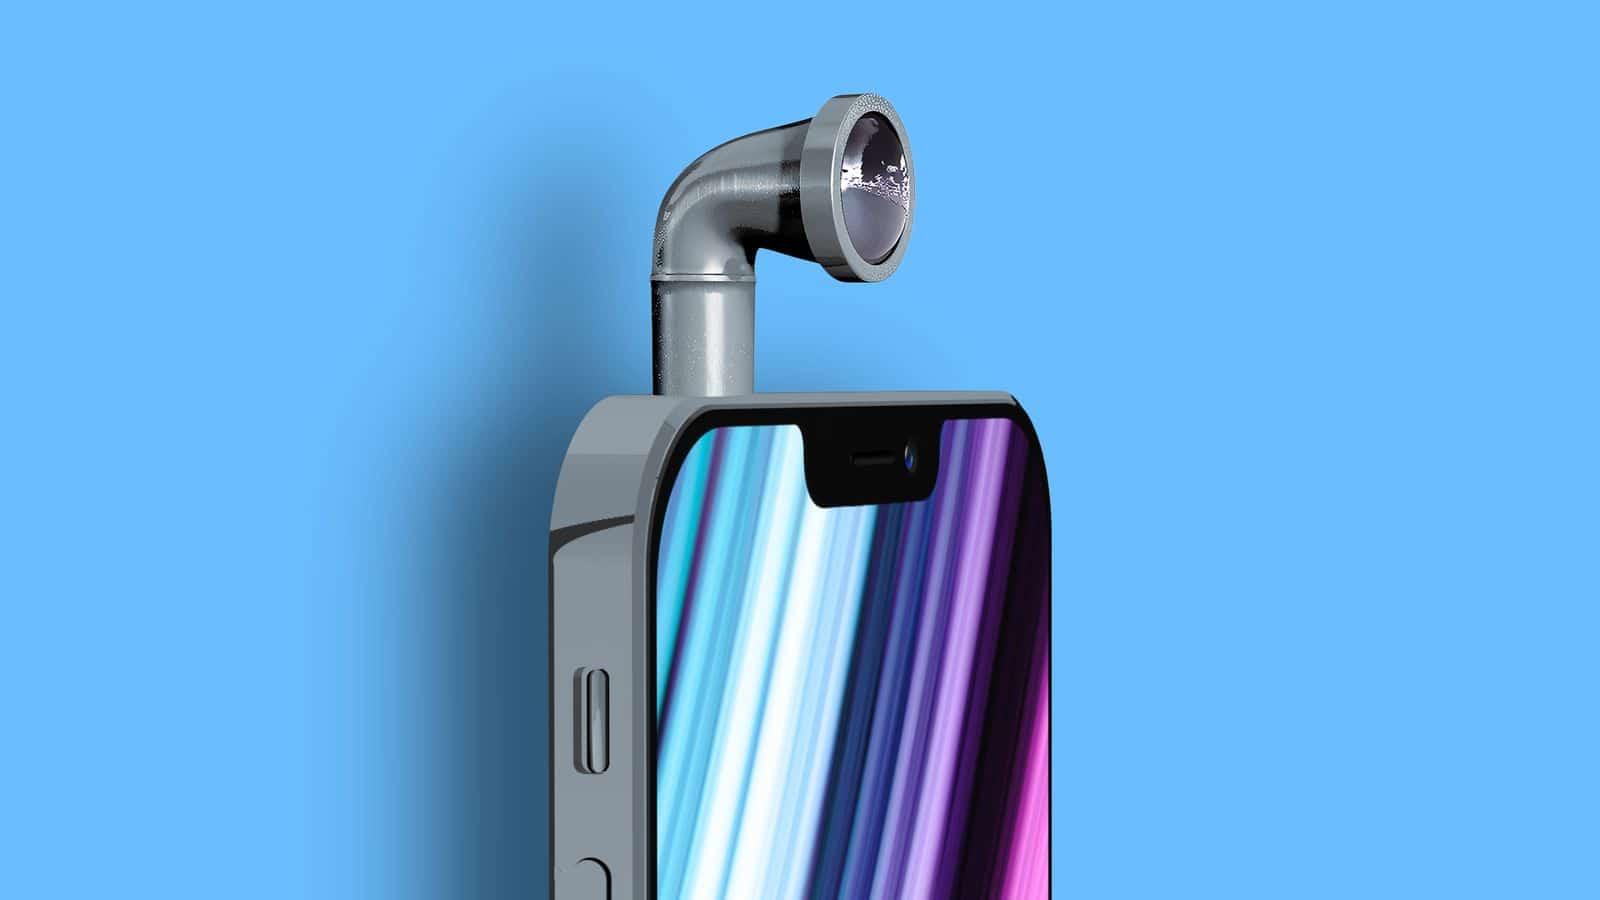 Periskop v iPhone môže prísť už v roku 2022. Tvrdí to Ming-Chi Kuo!